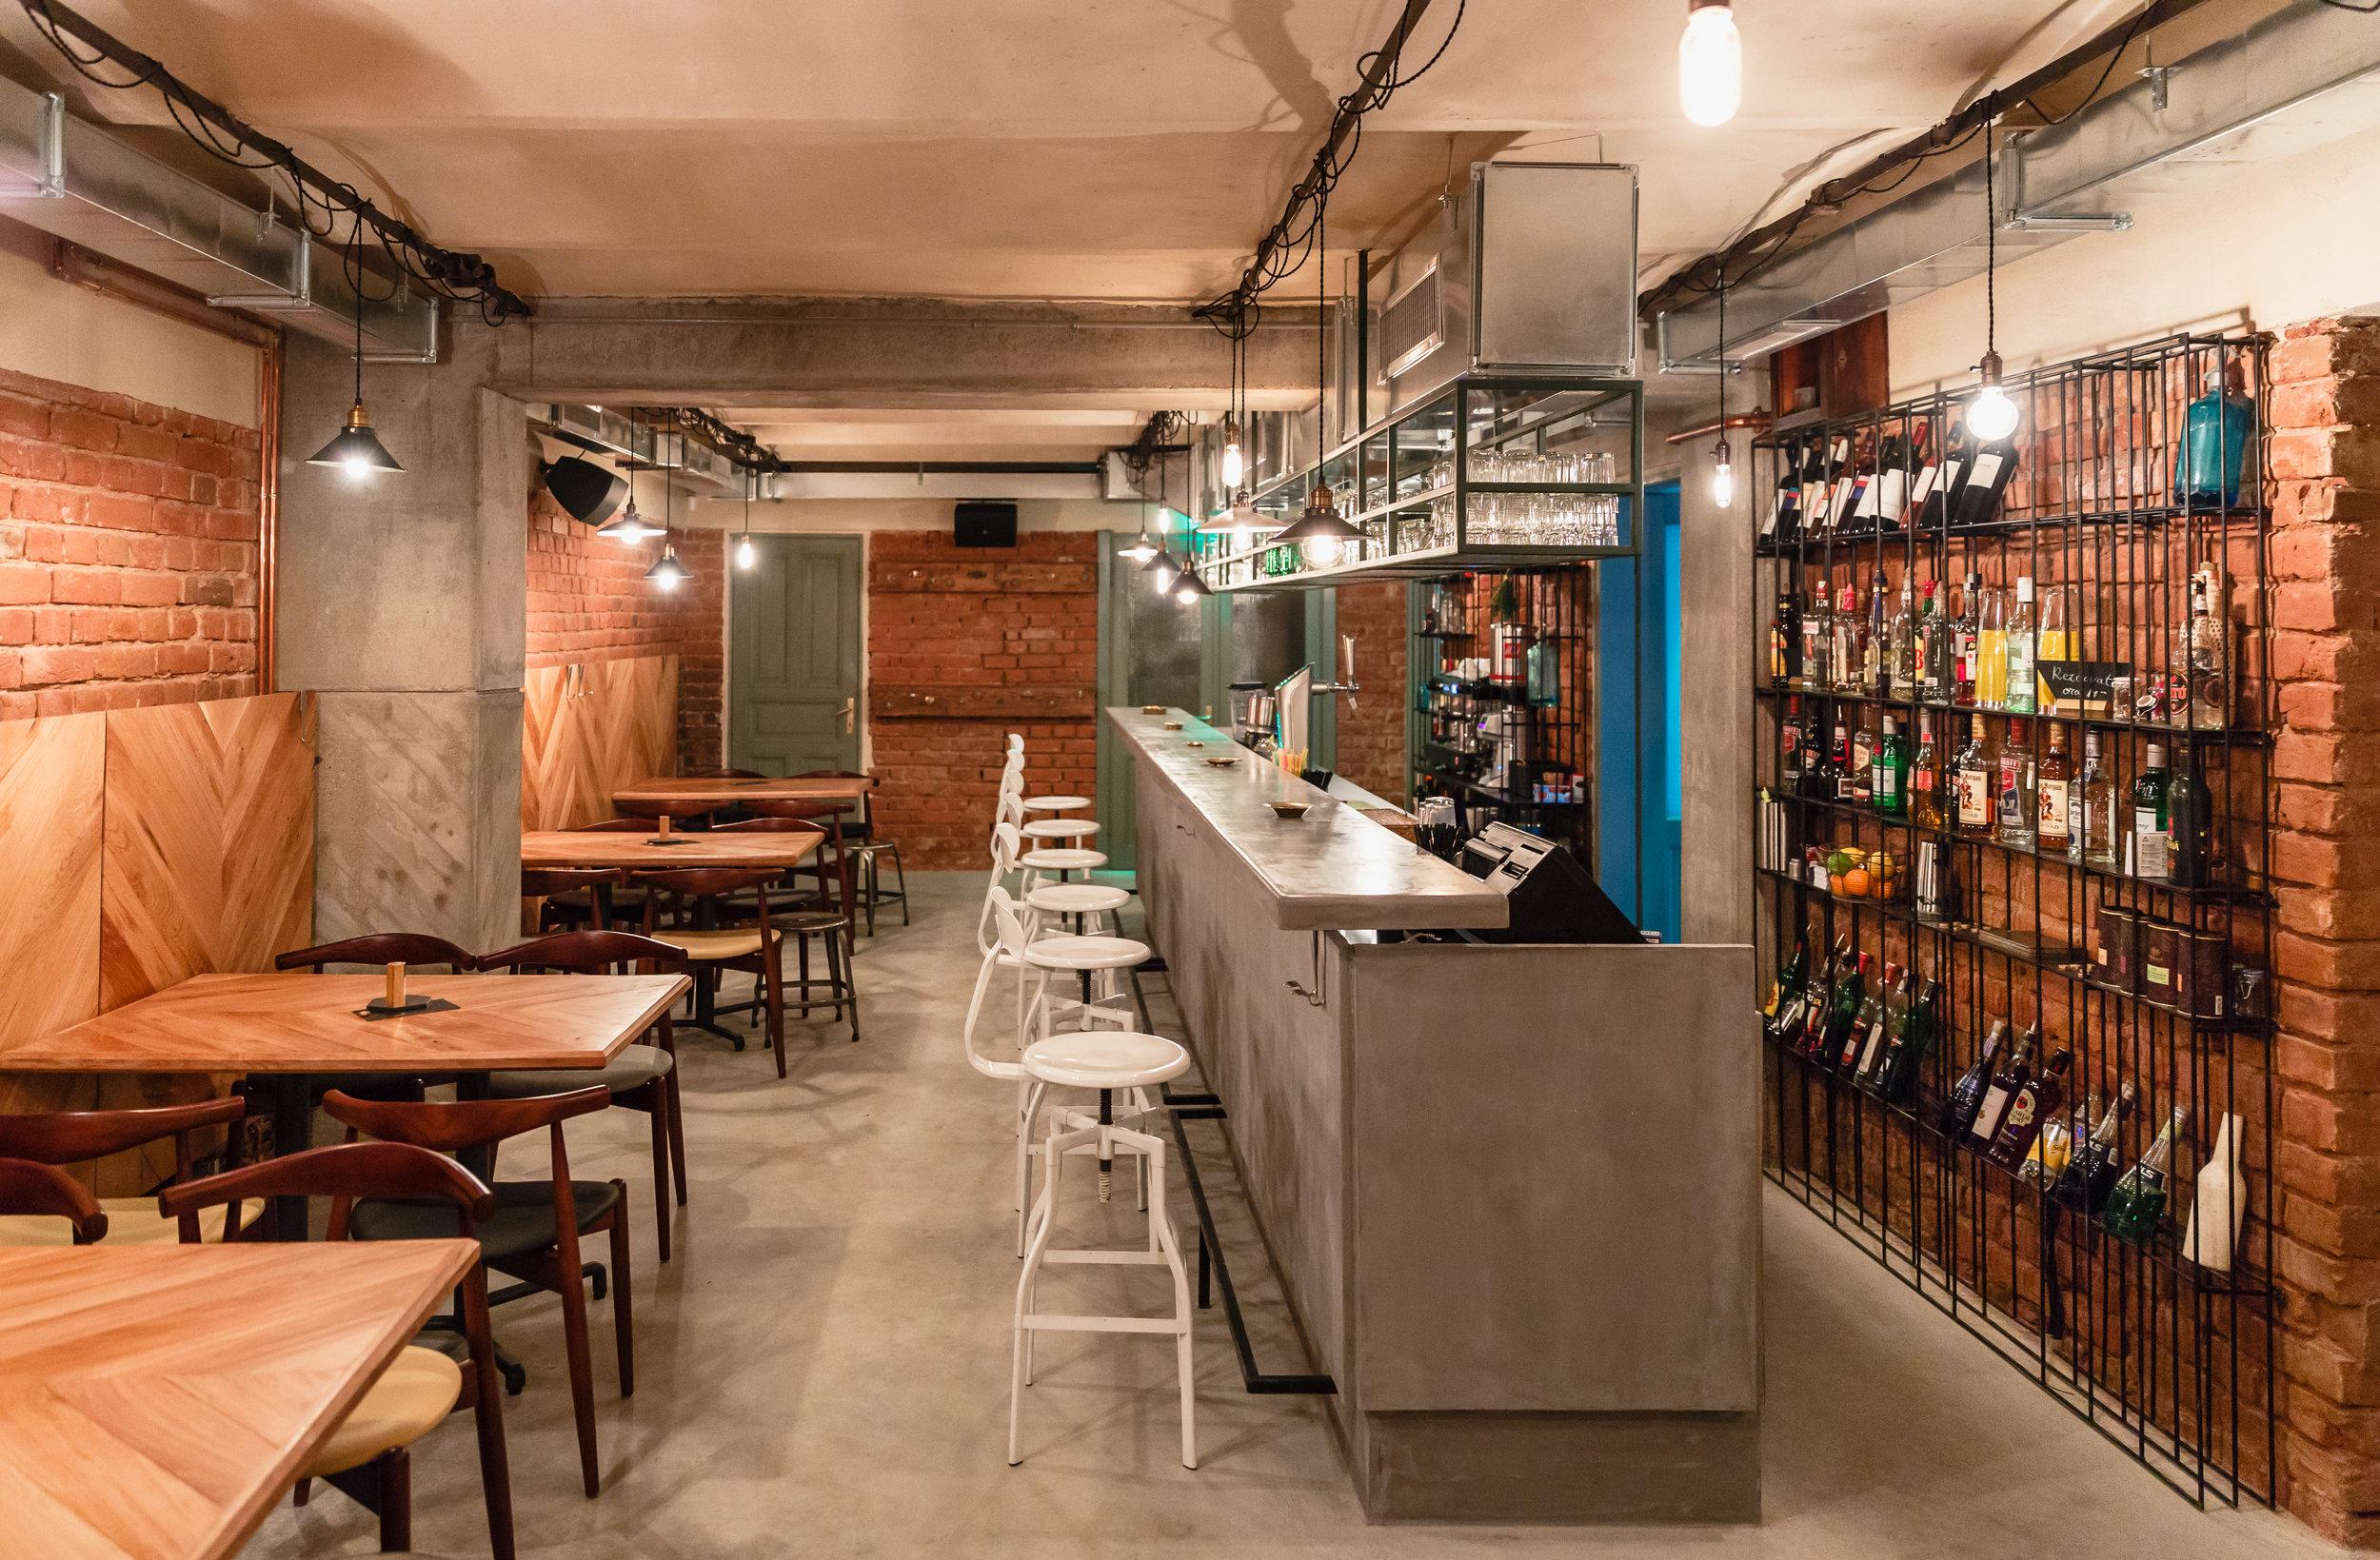 Bar - Când vrei să uiți de emailuri și deadline-uri, te așteptăm cu un pahar de vin bun, o bere rece sau un cocktail făcut așa cum îți place.